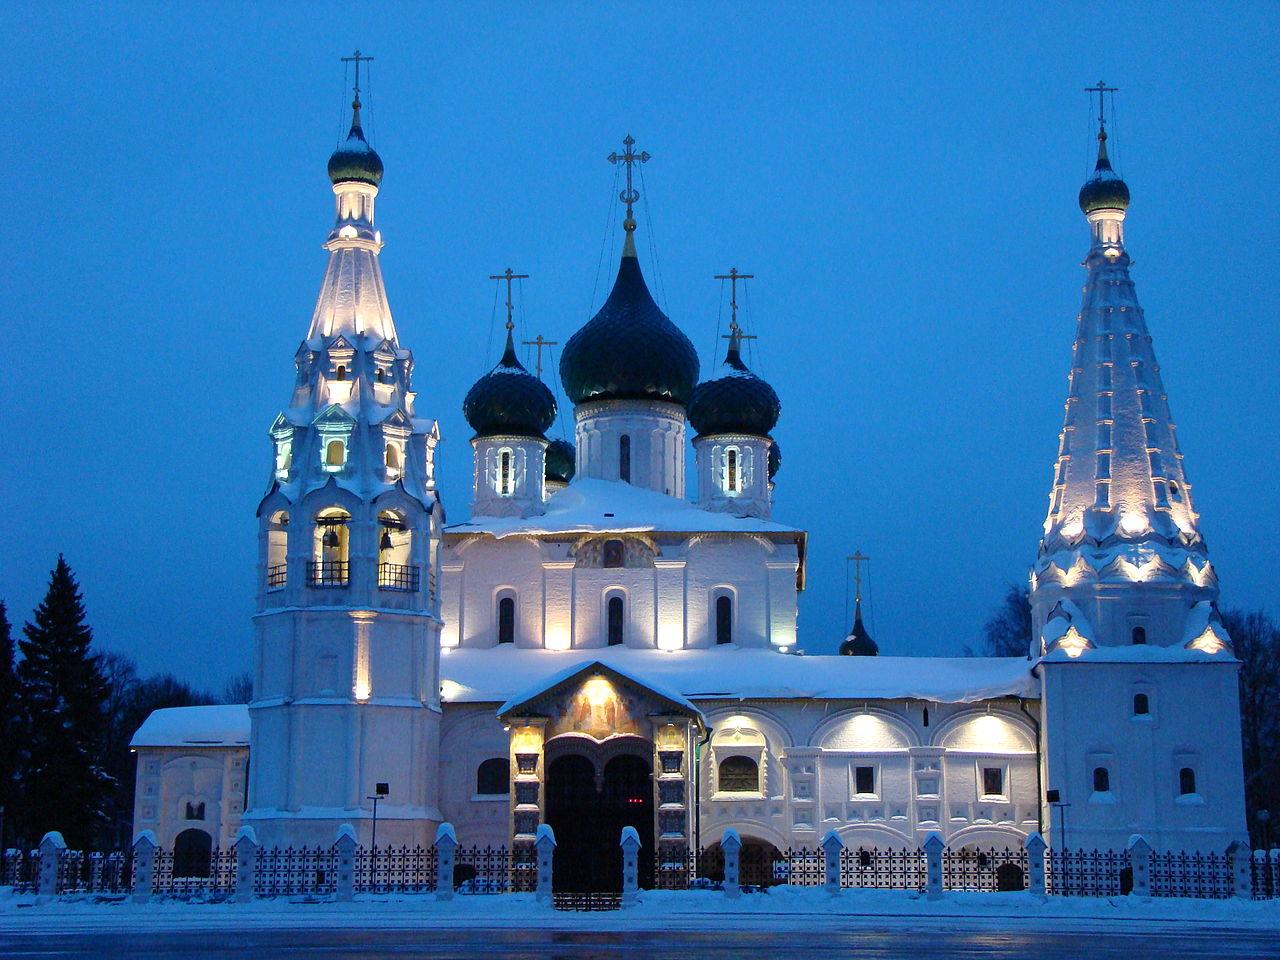 Церковь Ильи Пророка, зимний вечер